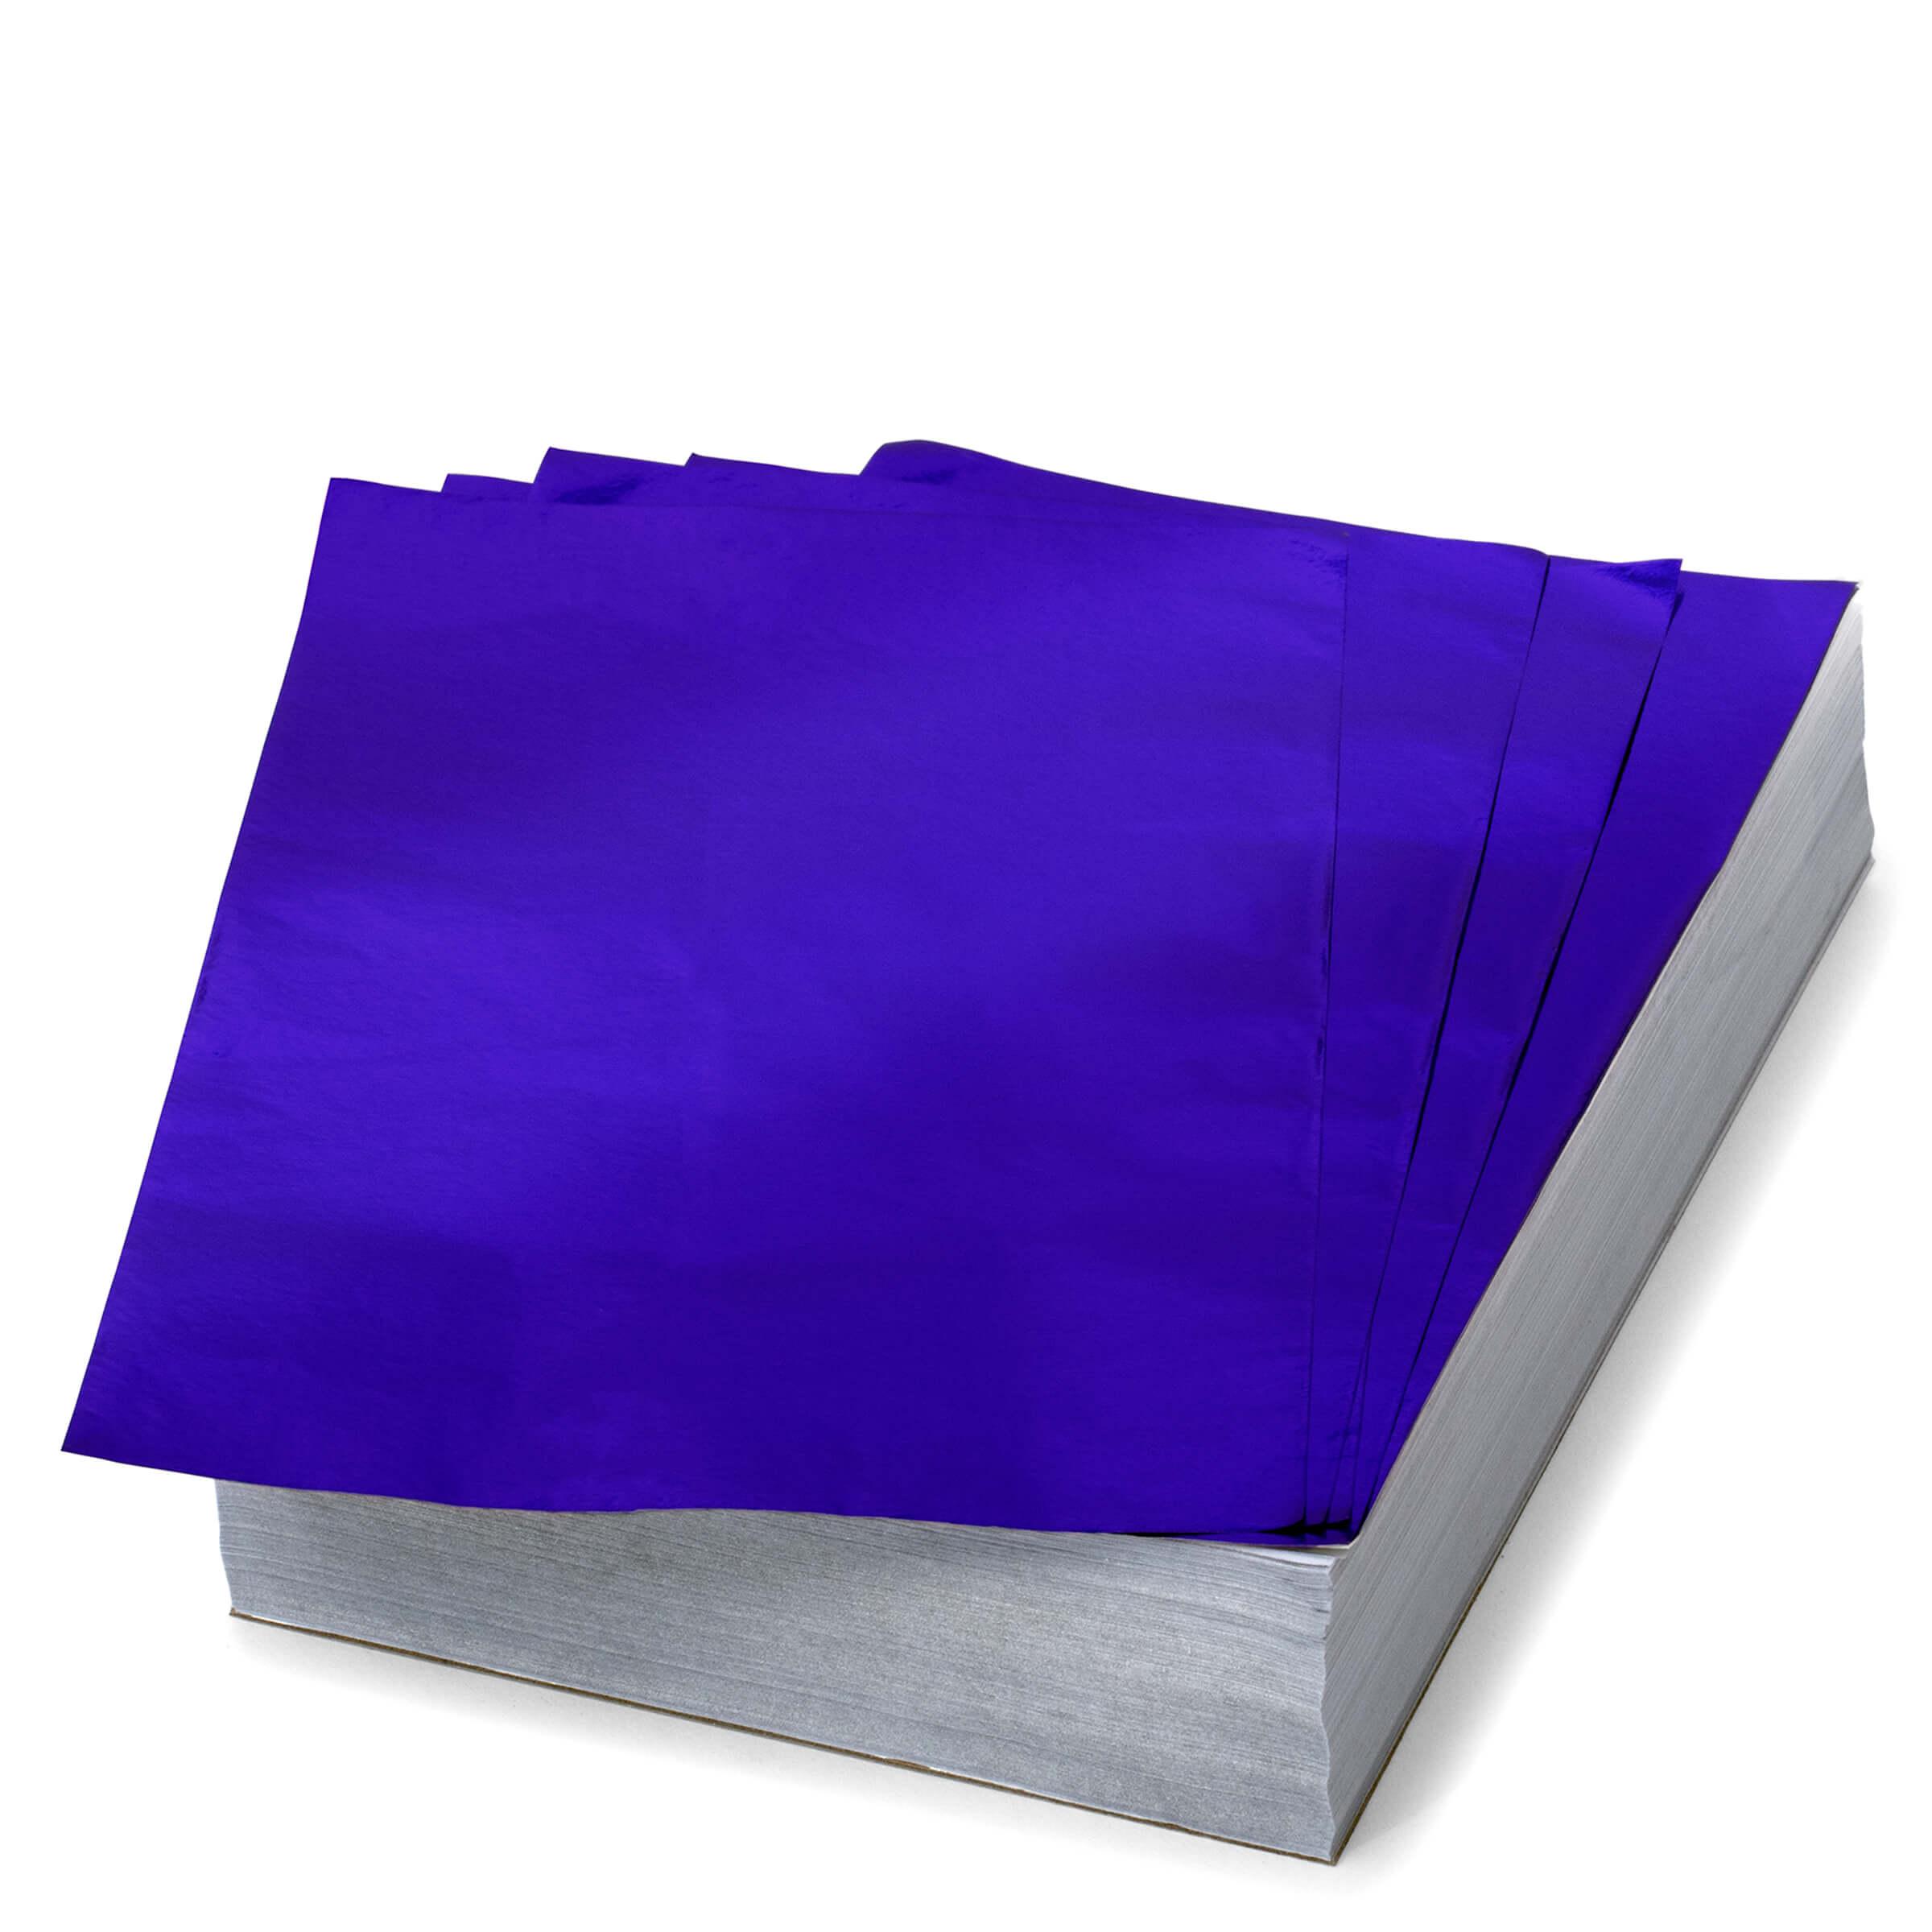 AL-58-45DB-a-5x8-smooth-foil-x-light-dark-blue-l.jpg